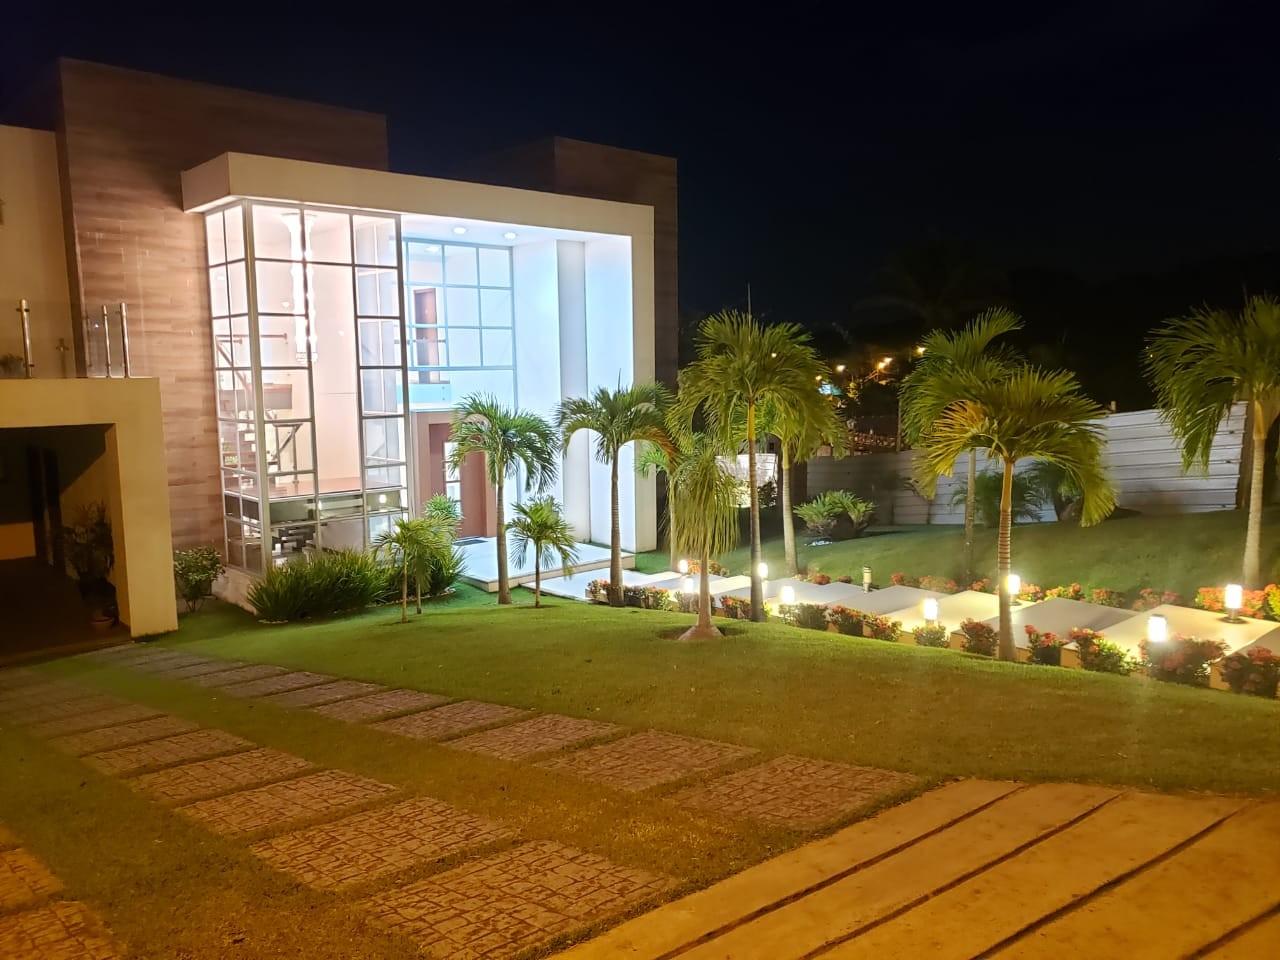 Casa en Venta HERMOSA CASA EN VENTA EN COLINAS DEL URUBO S2 Foto 2